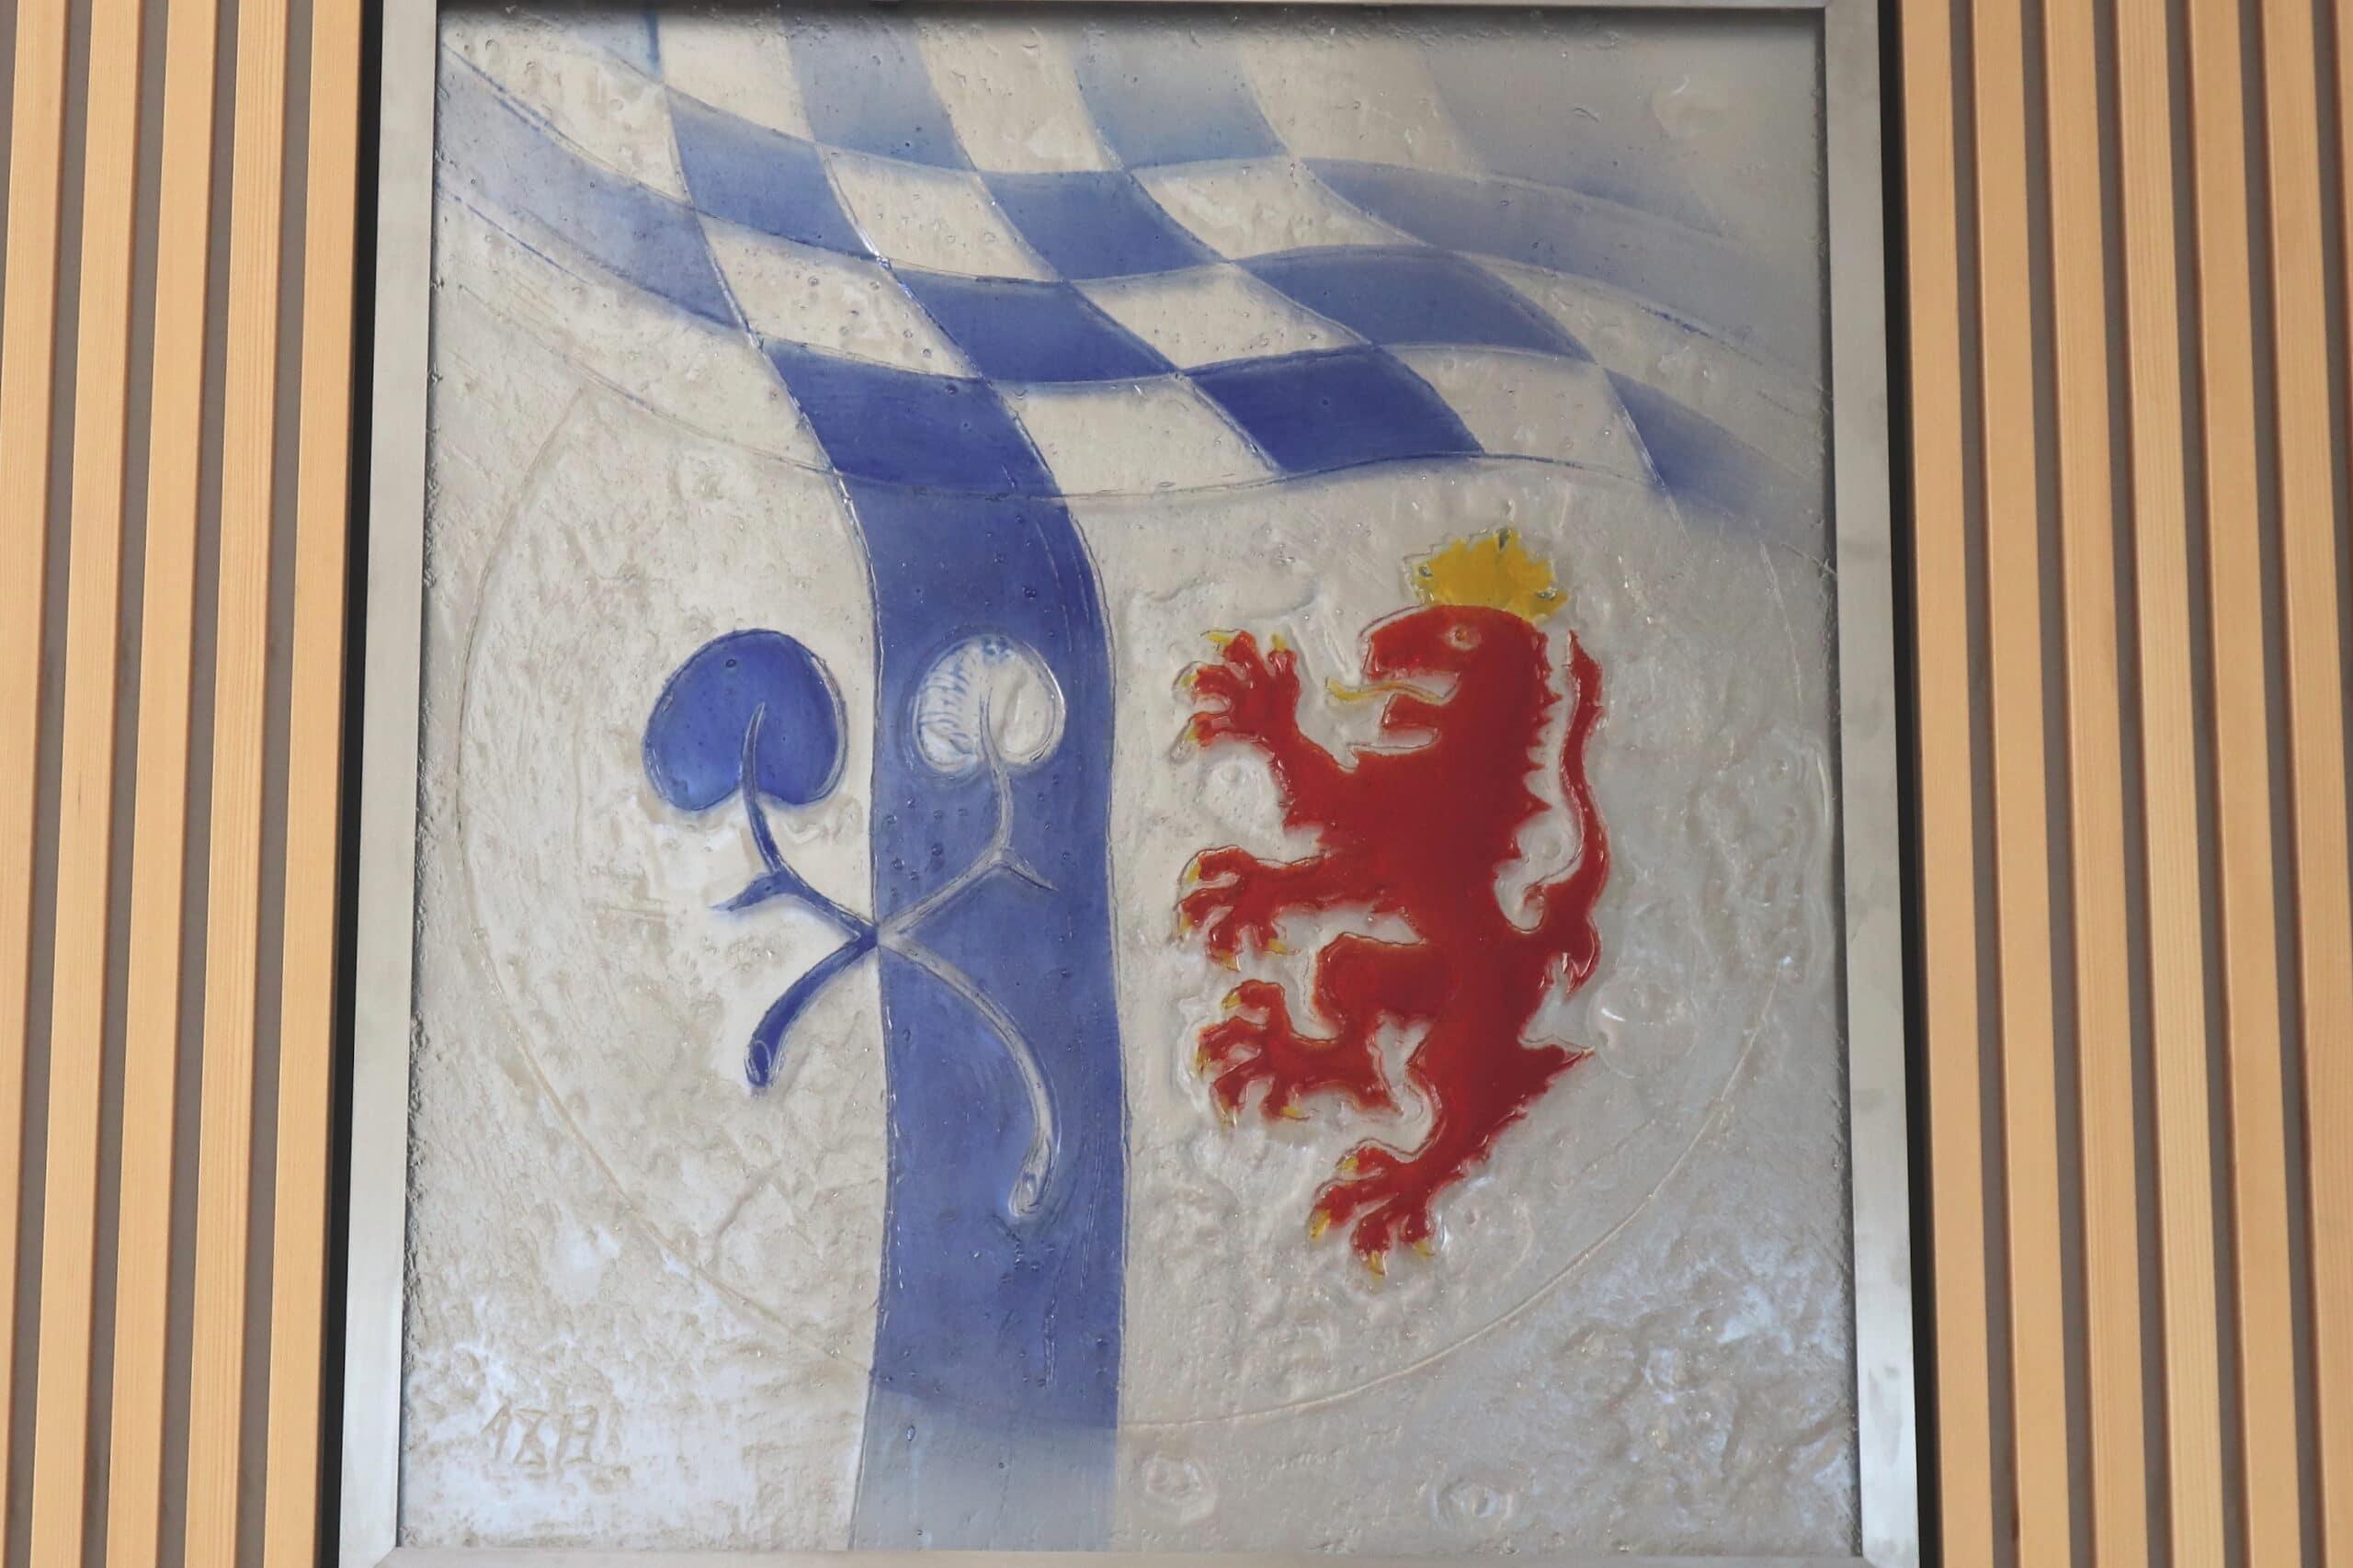 Wappen in Glas gro%C3%9Fer Sitzungssaal scaled - Politik & Verwaltung